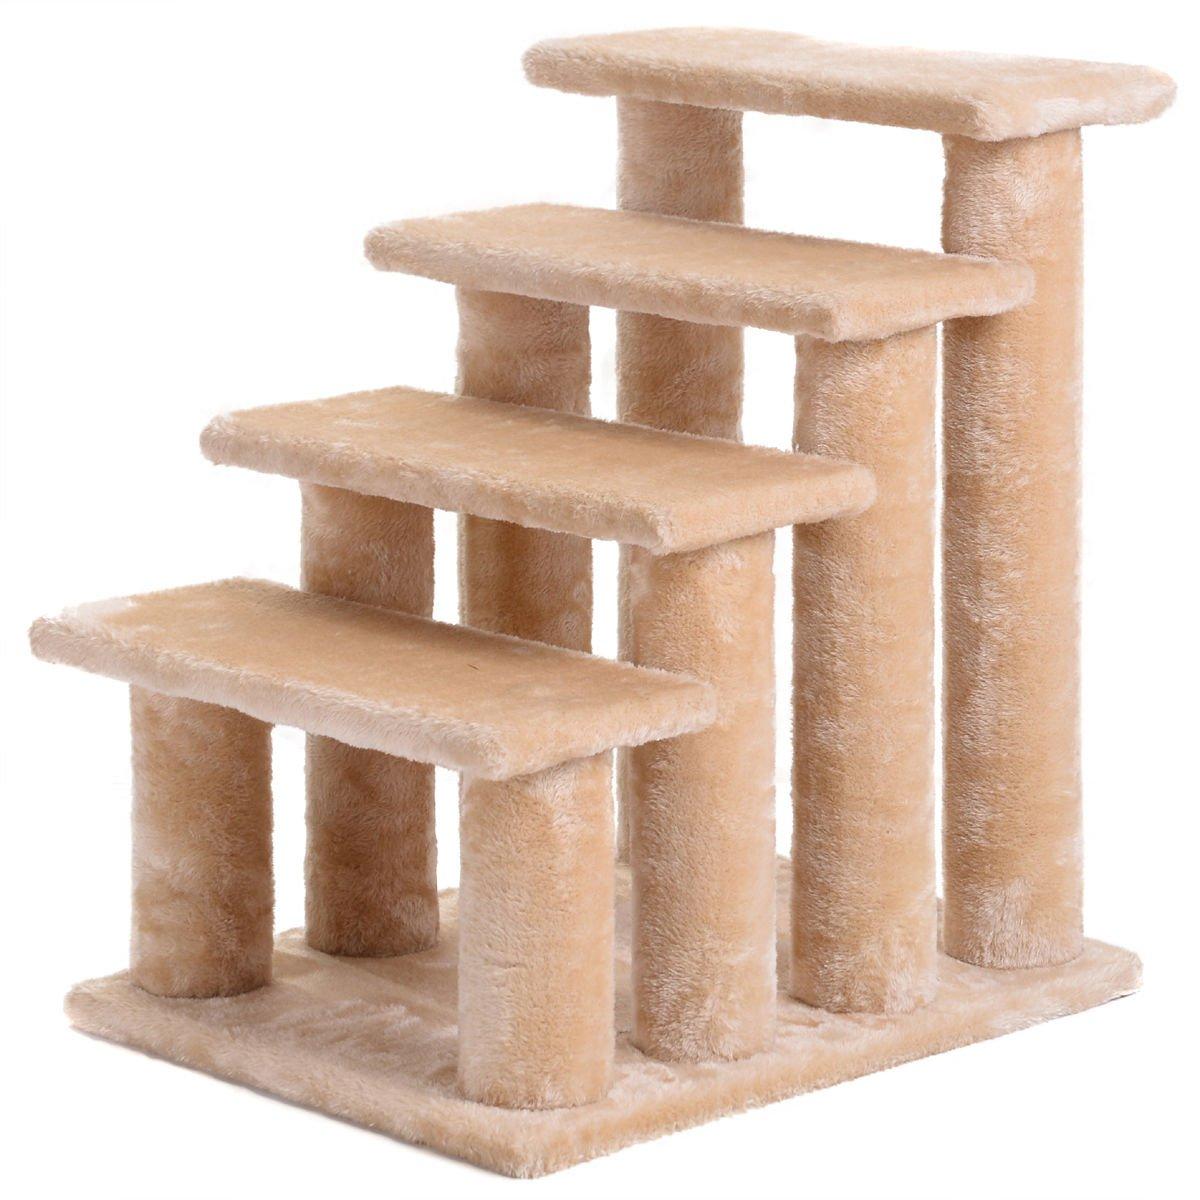 21'' pet ramp cat 4-Step Stairway Perch Scratcher Stairs Dog Ladder Beige